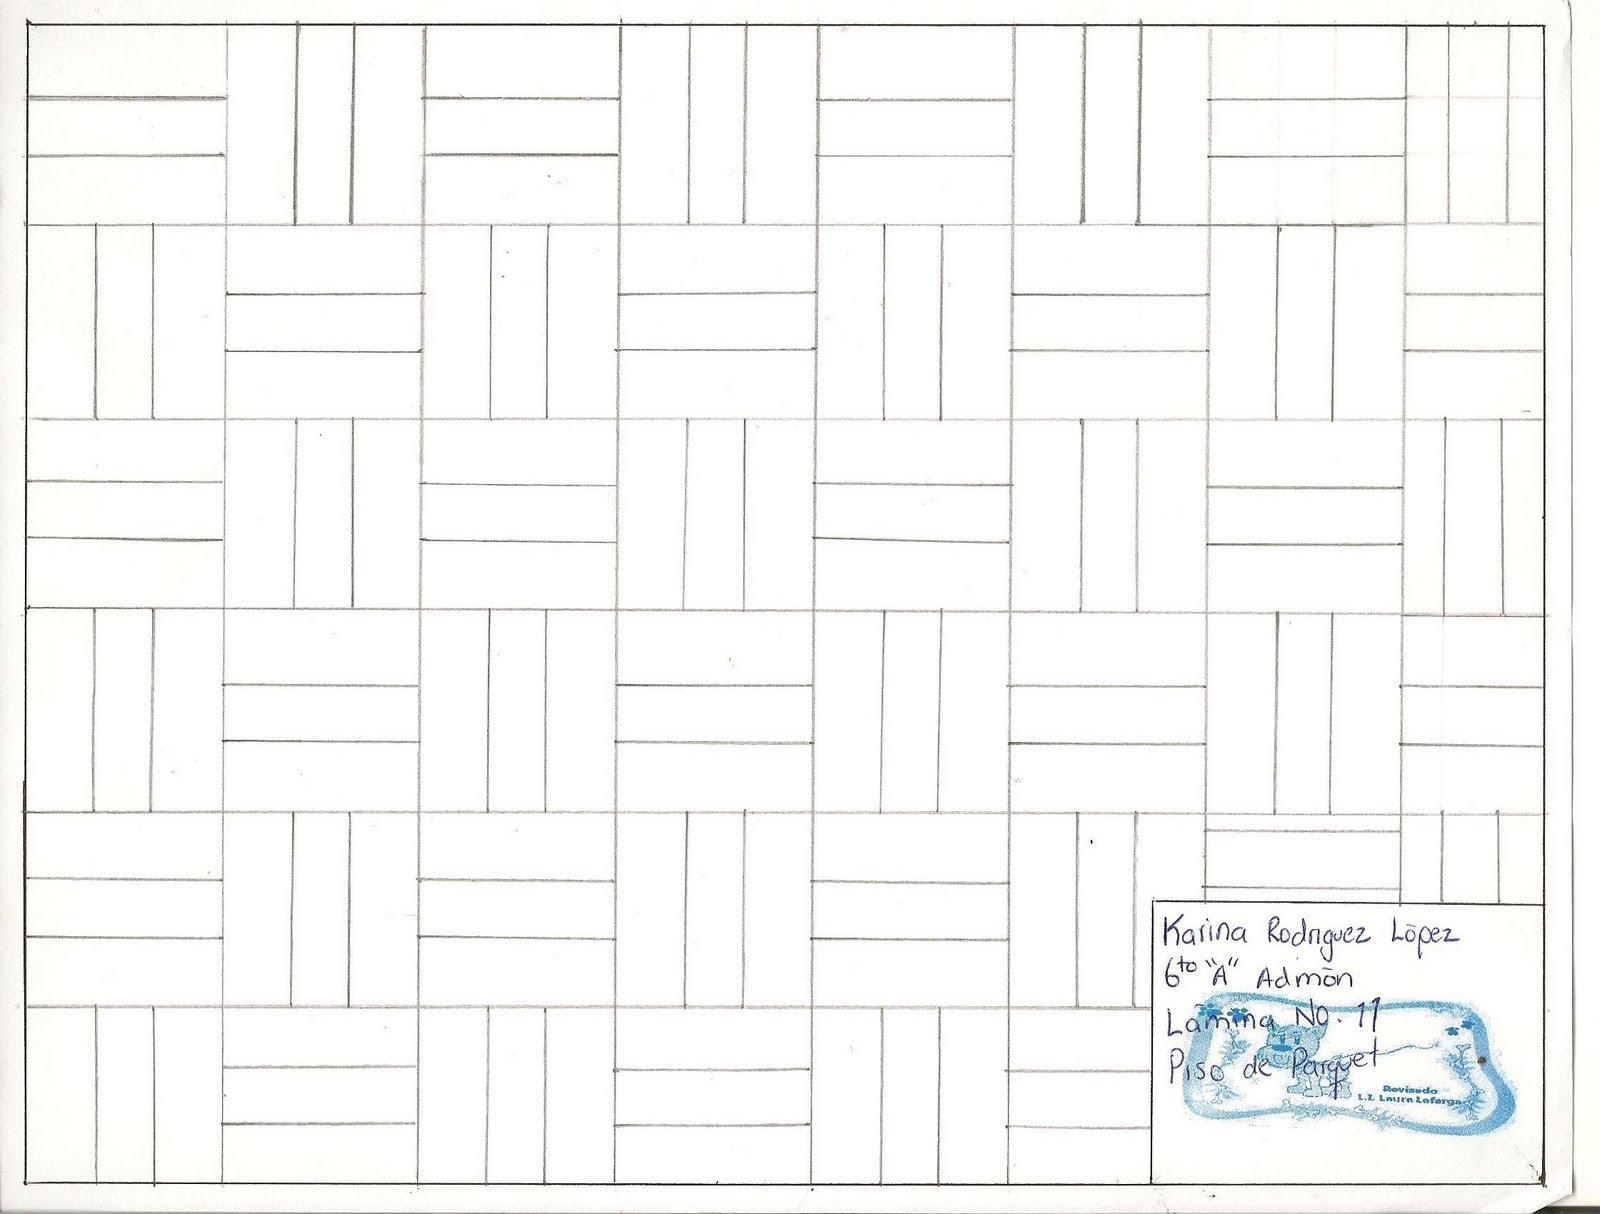 Clase de dibujo tecnico krl lamina no 11 piso de parquet - Laminas de parquet ...